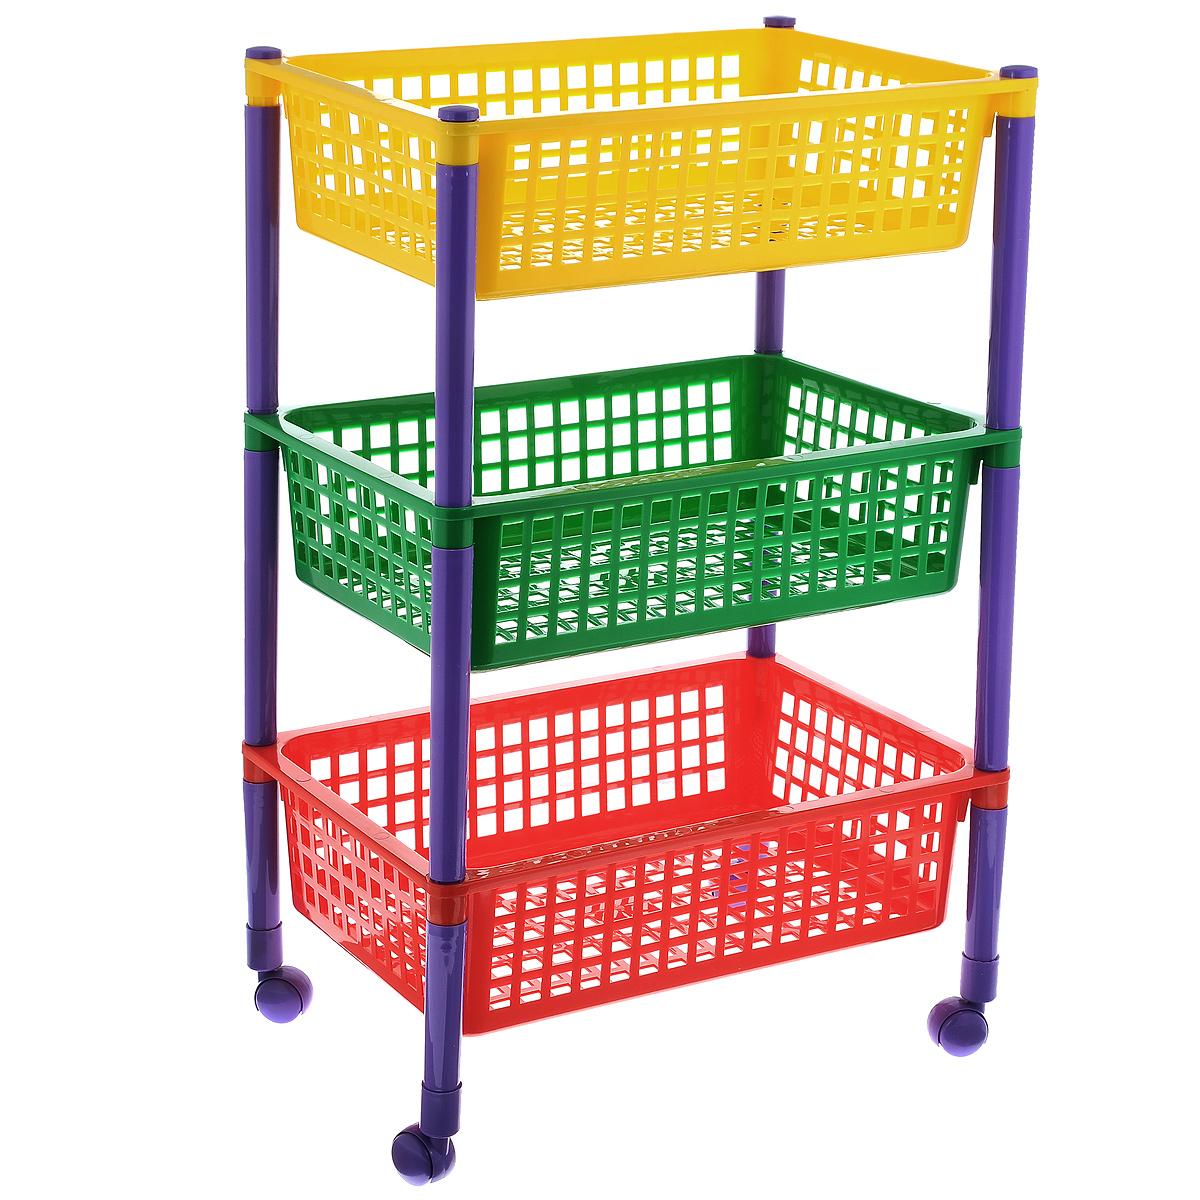 Контейнер для игрушек Малыш, 3-х секционный, на колесиках, 44 x 31 x 70 смС360Контейнер Малыш, выполненный из высококачественного пластика, предназначен для хранения игрушек. Контейнер состоит из трех перфорированных секций разного цвета. Вместительные полки позволят компактно хранить детские игрушки, а также защитят их от пыли, грязи и влаги. Контейнер оснащен колесиками, поэтому его очень легко двигать. Размер в сложенном виде: 44 см х 31 см х 20 см. Размер в собранном виде: 44 см x 31 см x 70 см. Размер корзинки: 44 см x 31 см x 12 см.